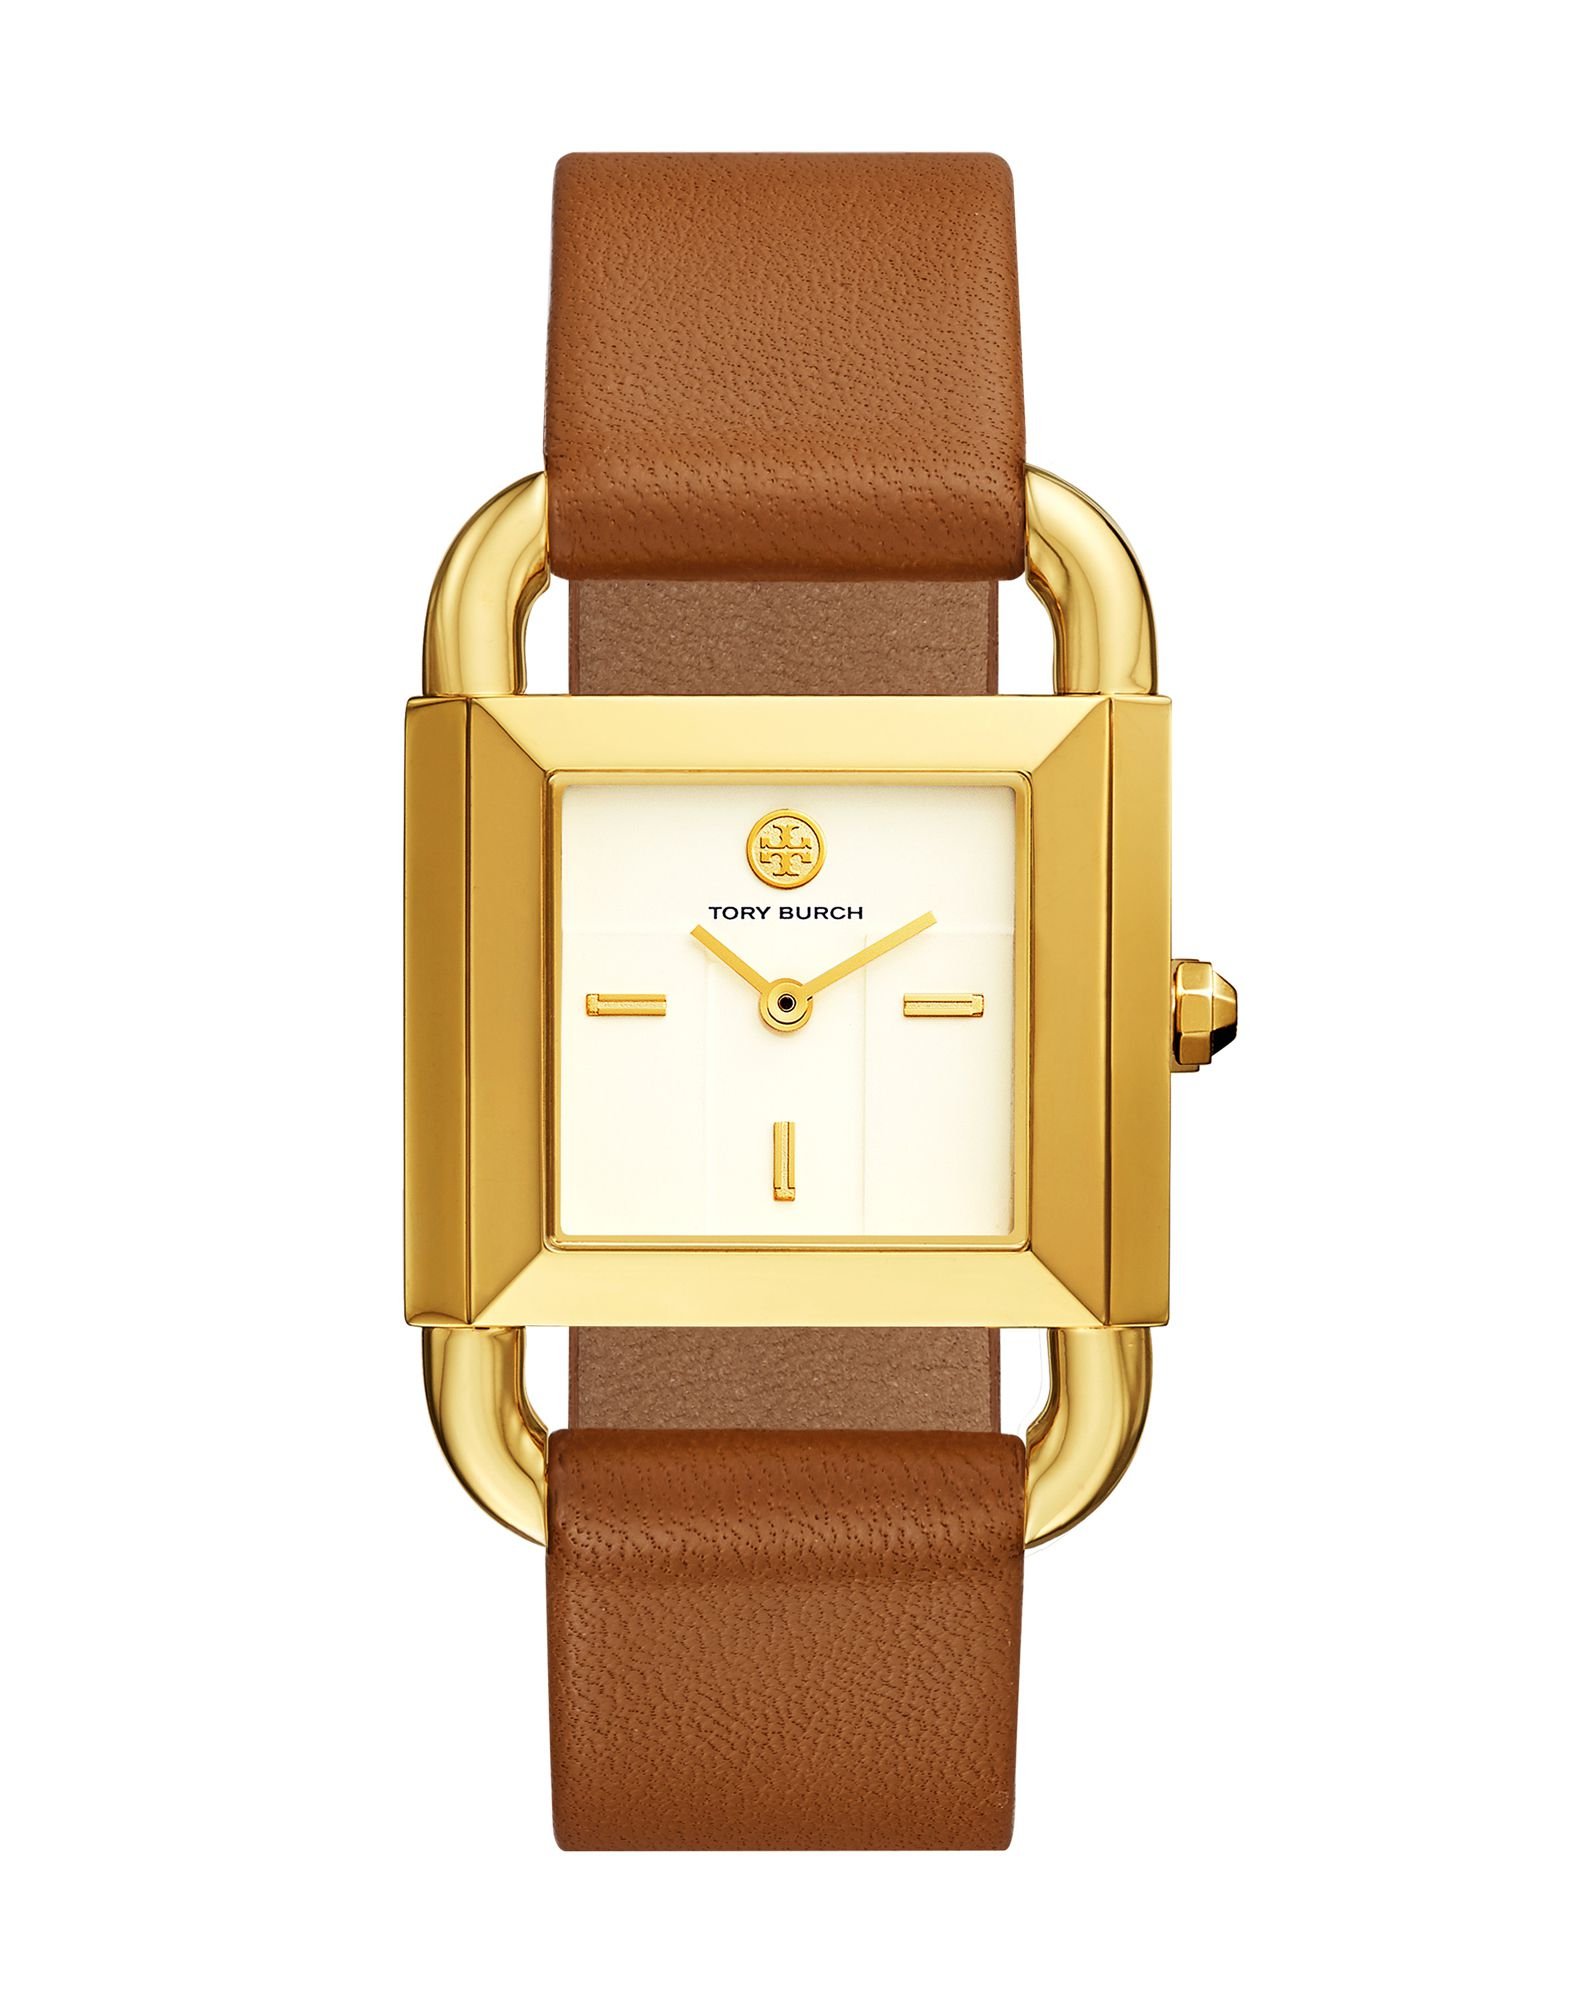 TORY BURCH Damen Armbanduhr Farbe Weiß Größe 1 jetztbilligerkaufen